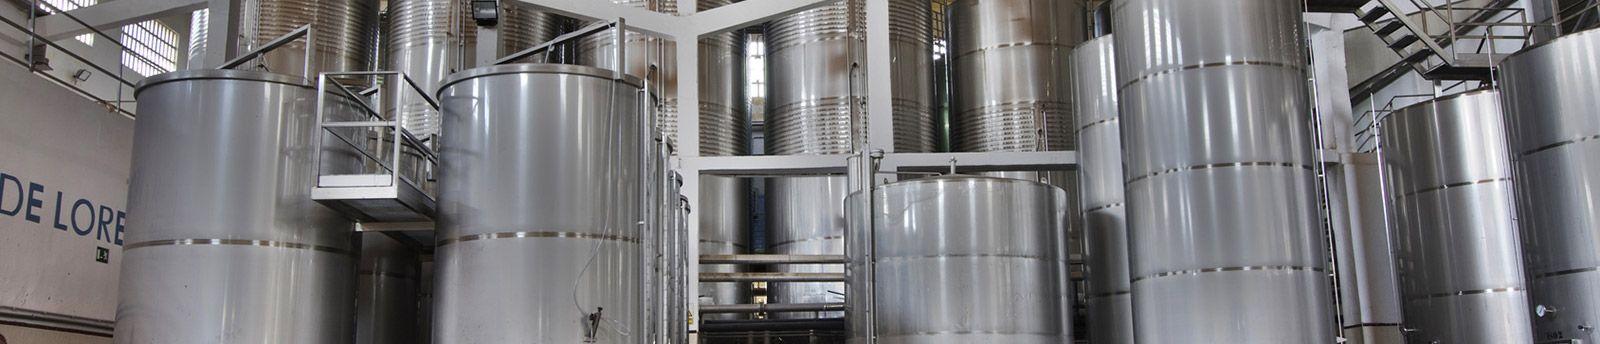 Wärmetauscher, Dampfkessel und Klärbecken - Industriereinigung Scheid